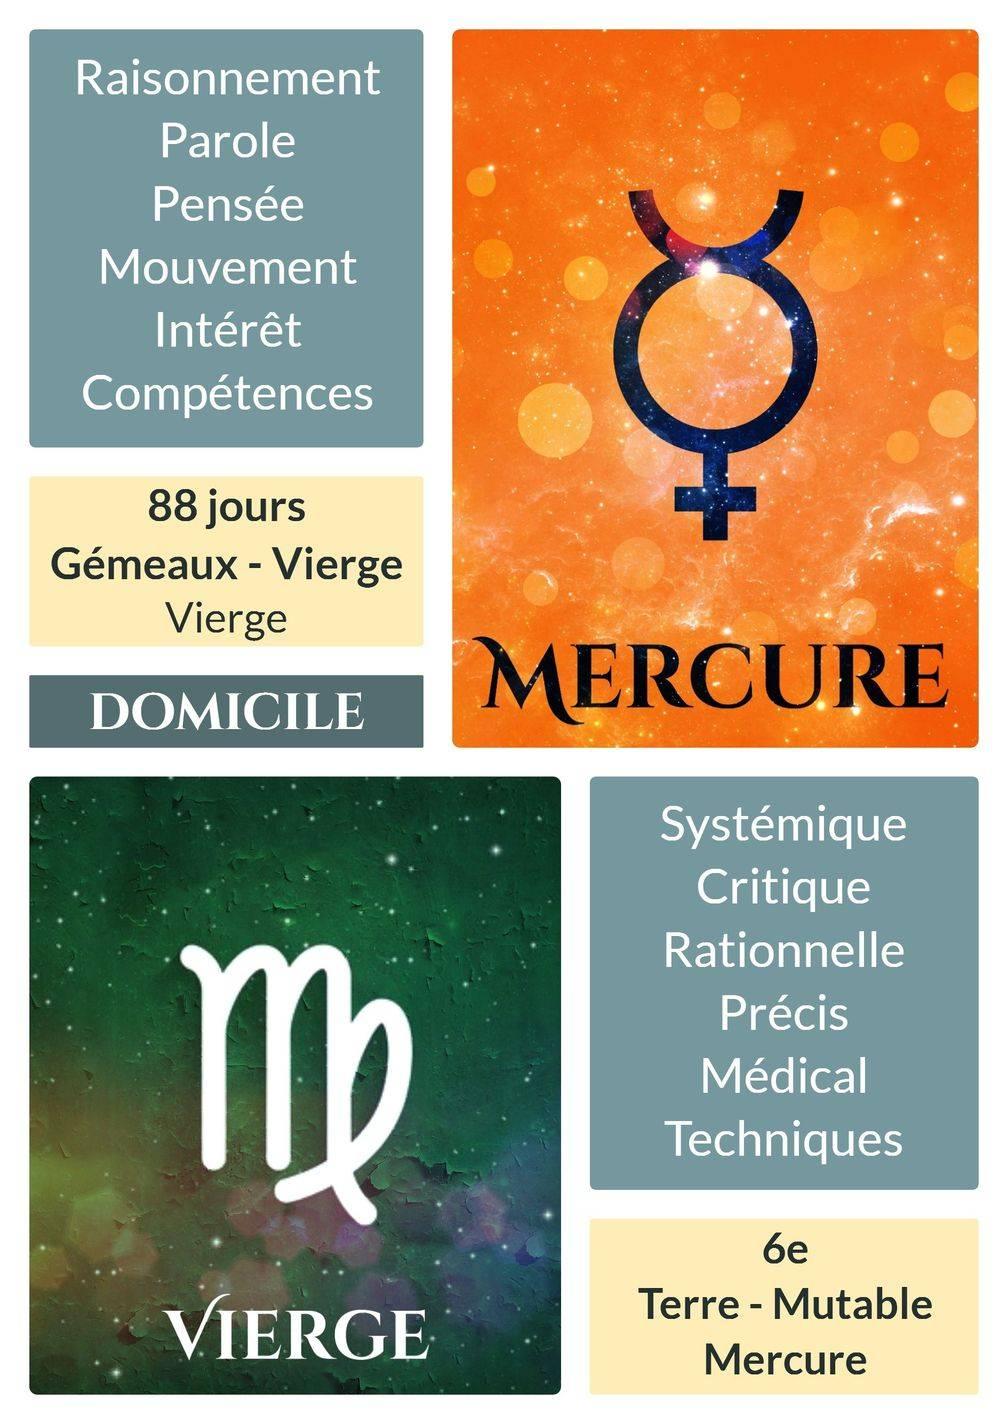 Mercure en Vierge : Carte astrologique